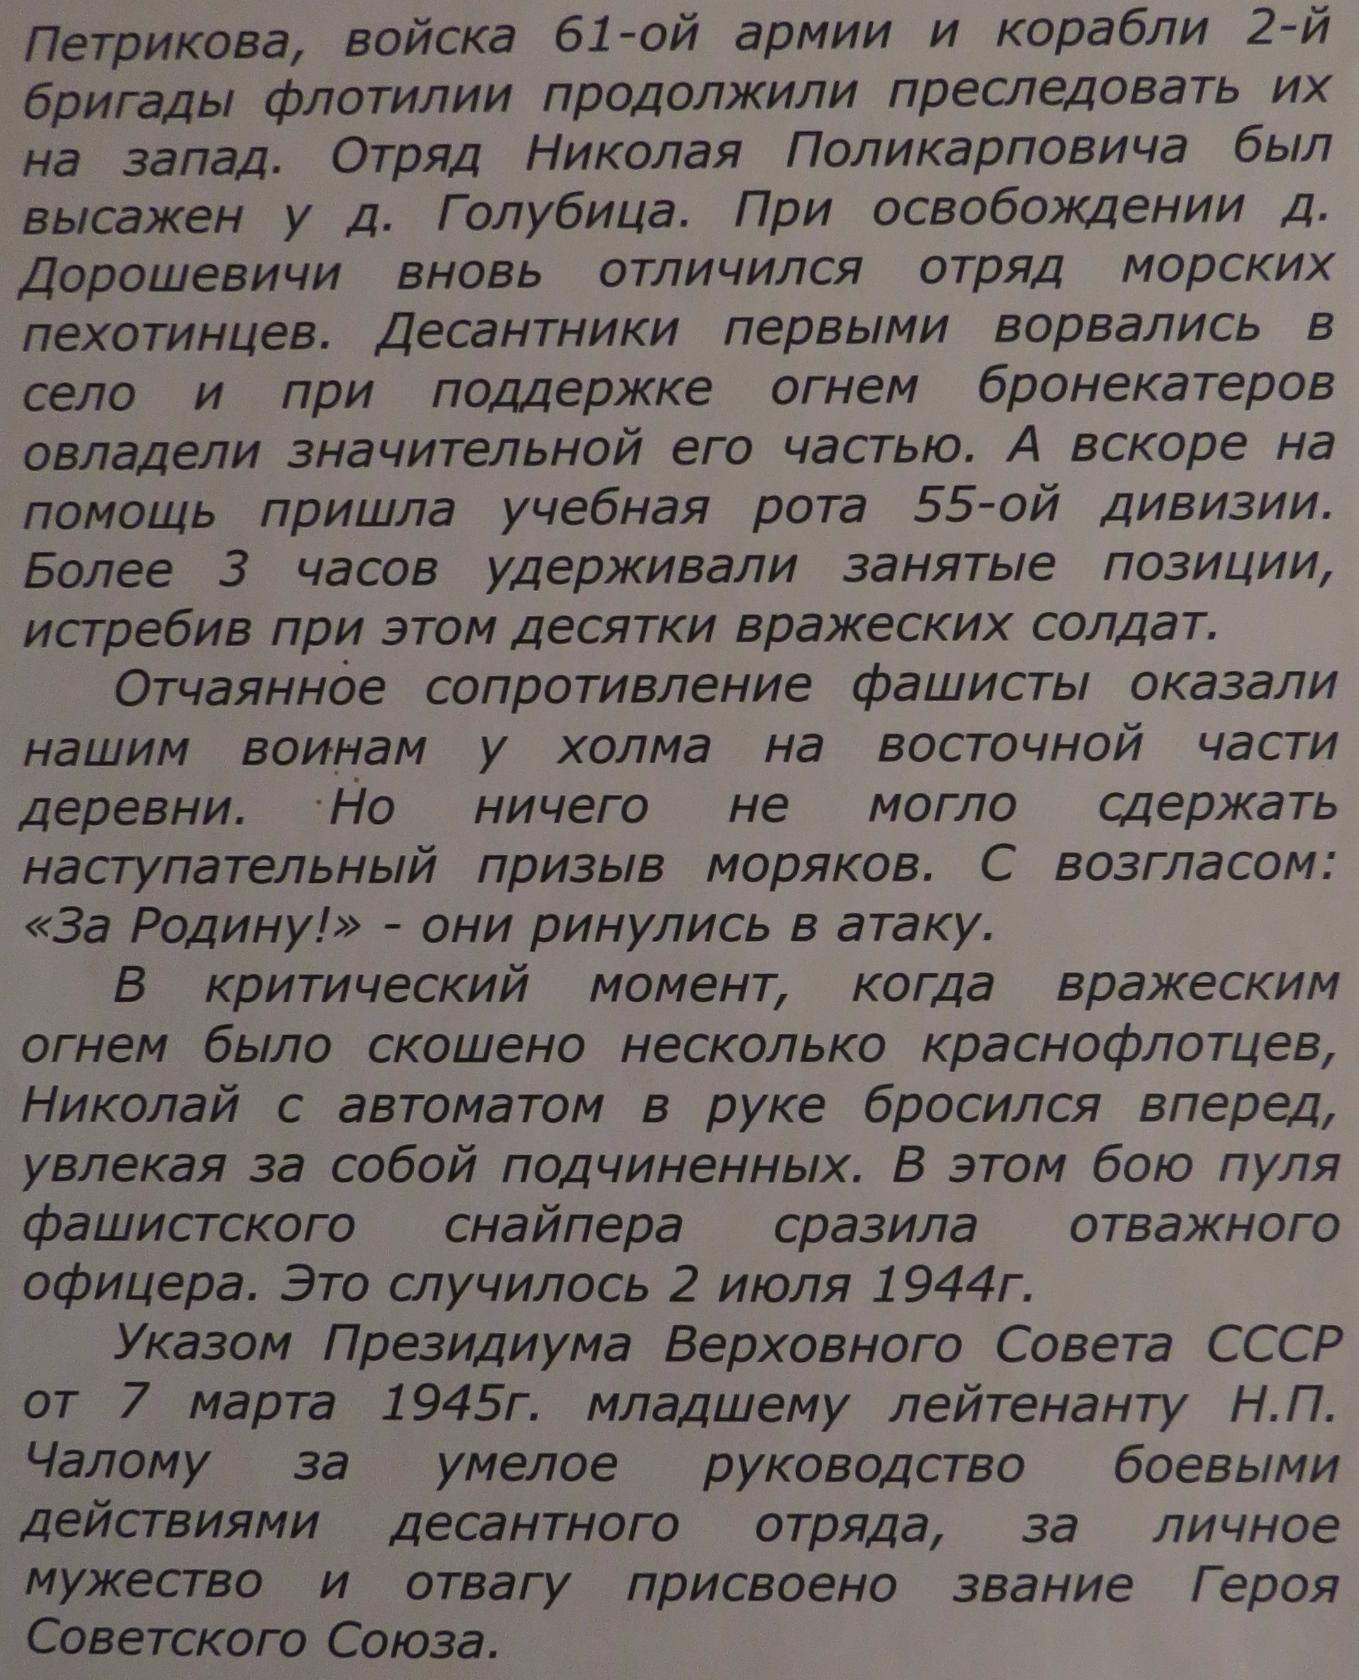 боевой путь Николая Чалого